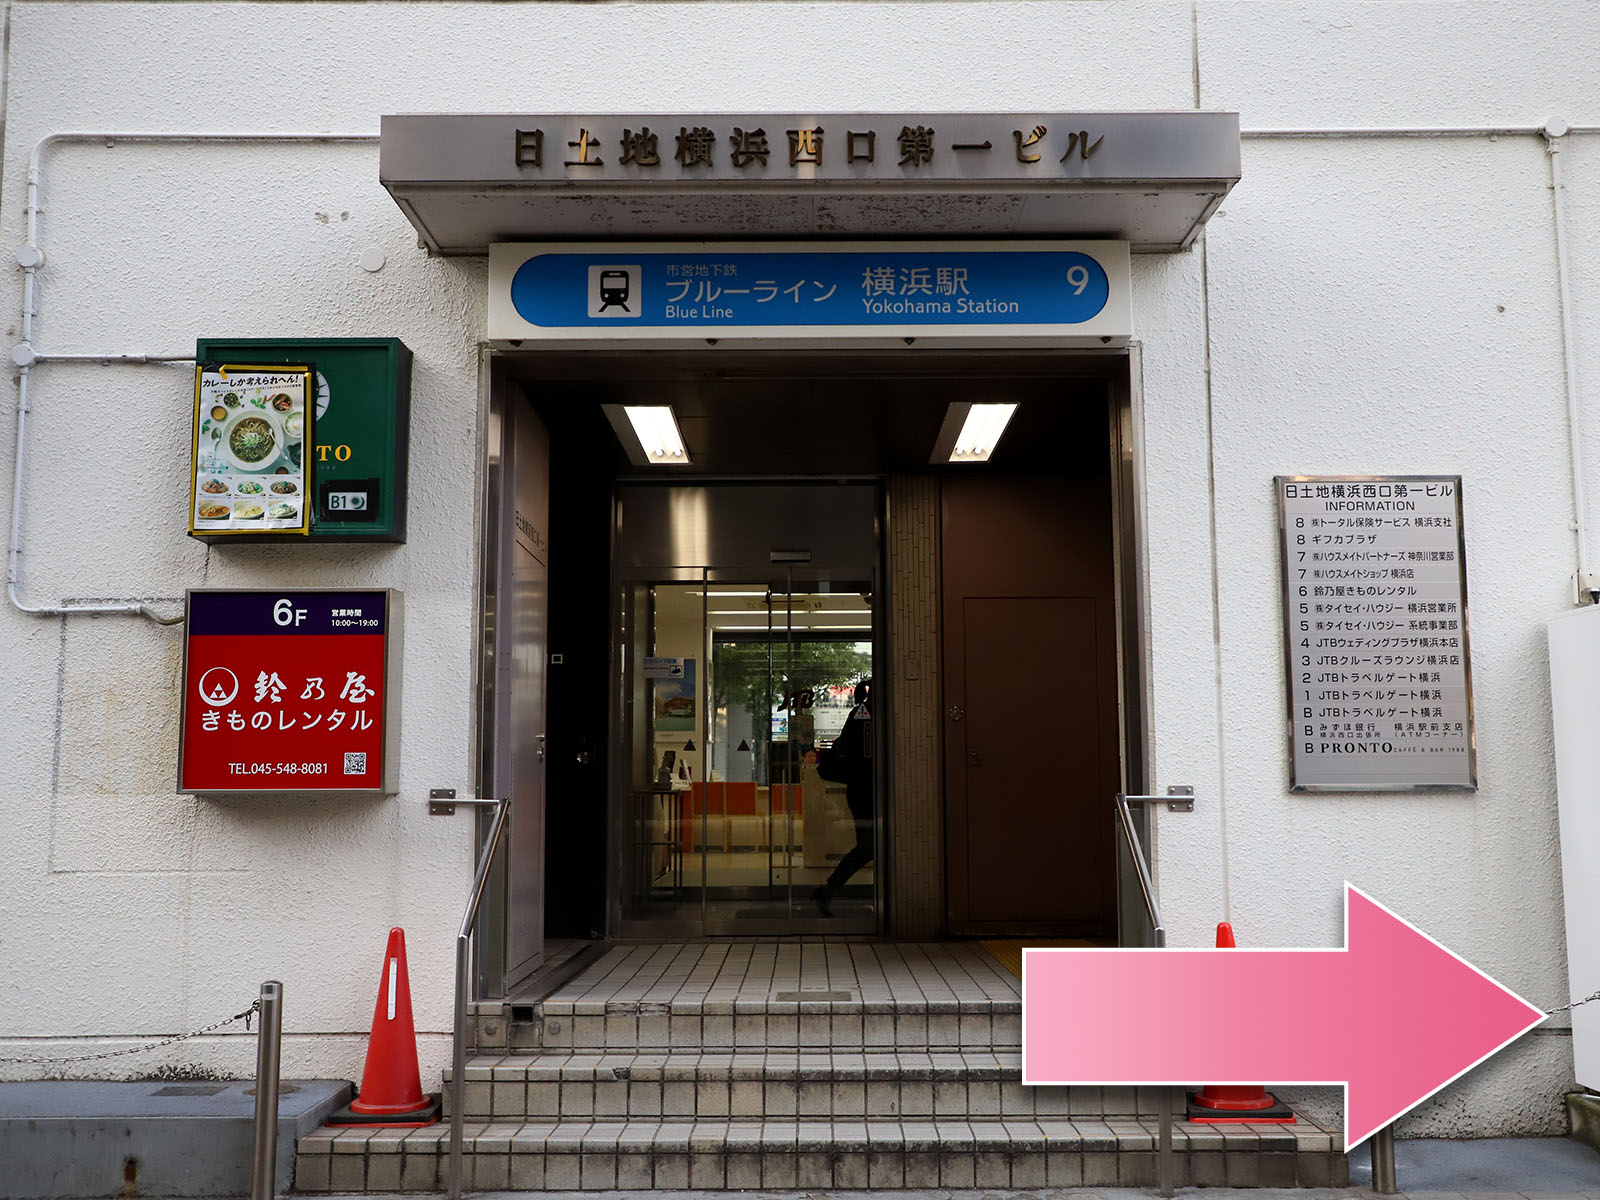 東京中央美容外科横浜院地下鉄ルート02